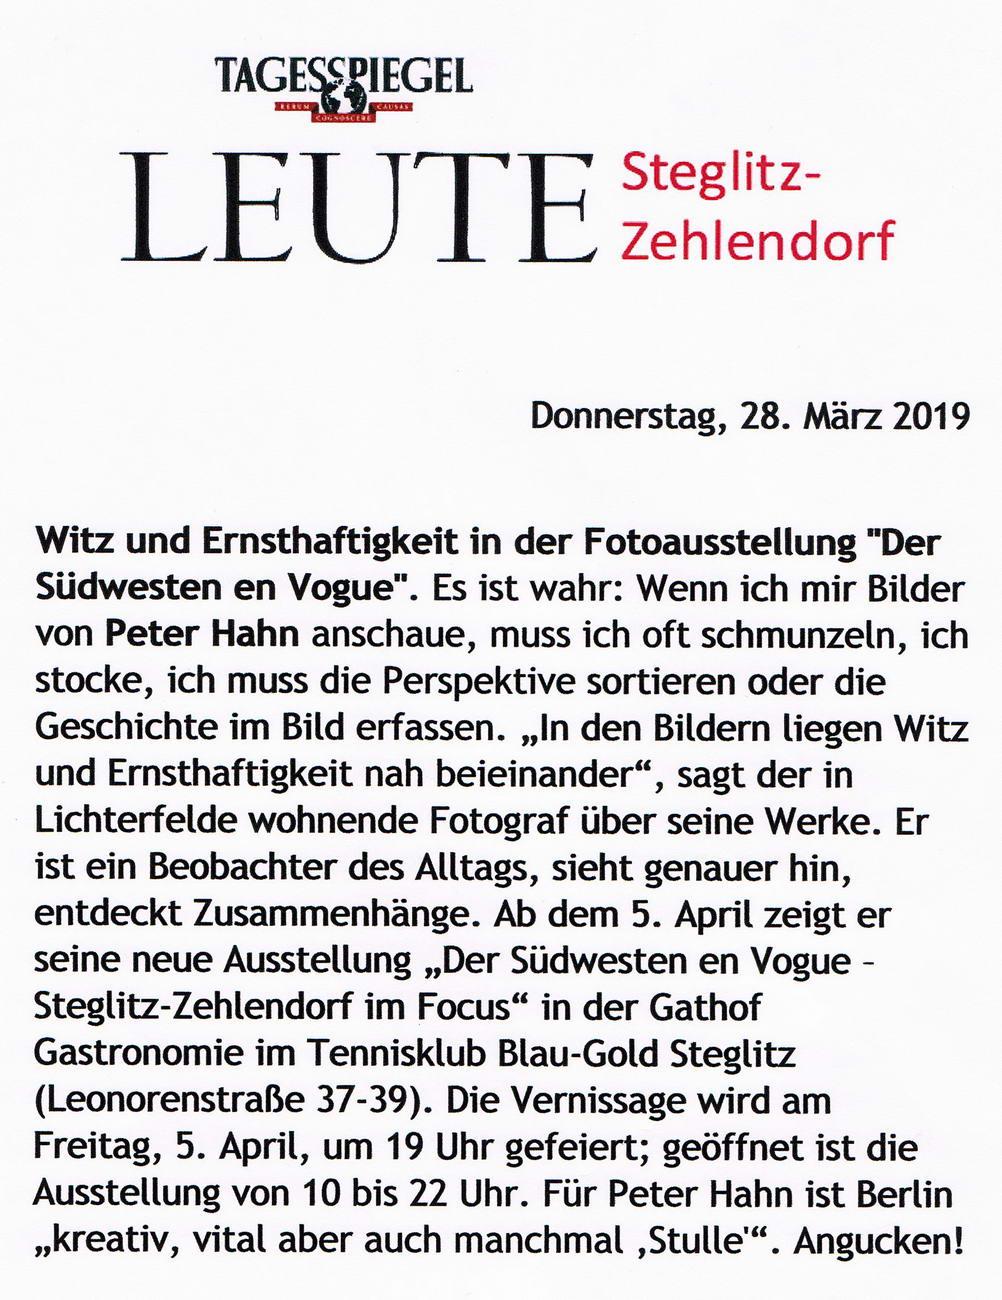 Der Tagesspiegel 23.08.2019 Fotoausstellung 2019 Witz und Ernsthaftigkeit in der Fotoausstellung 03 konv